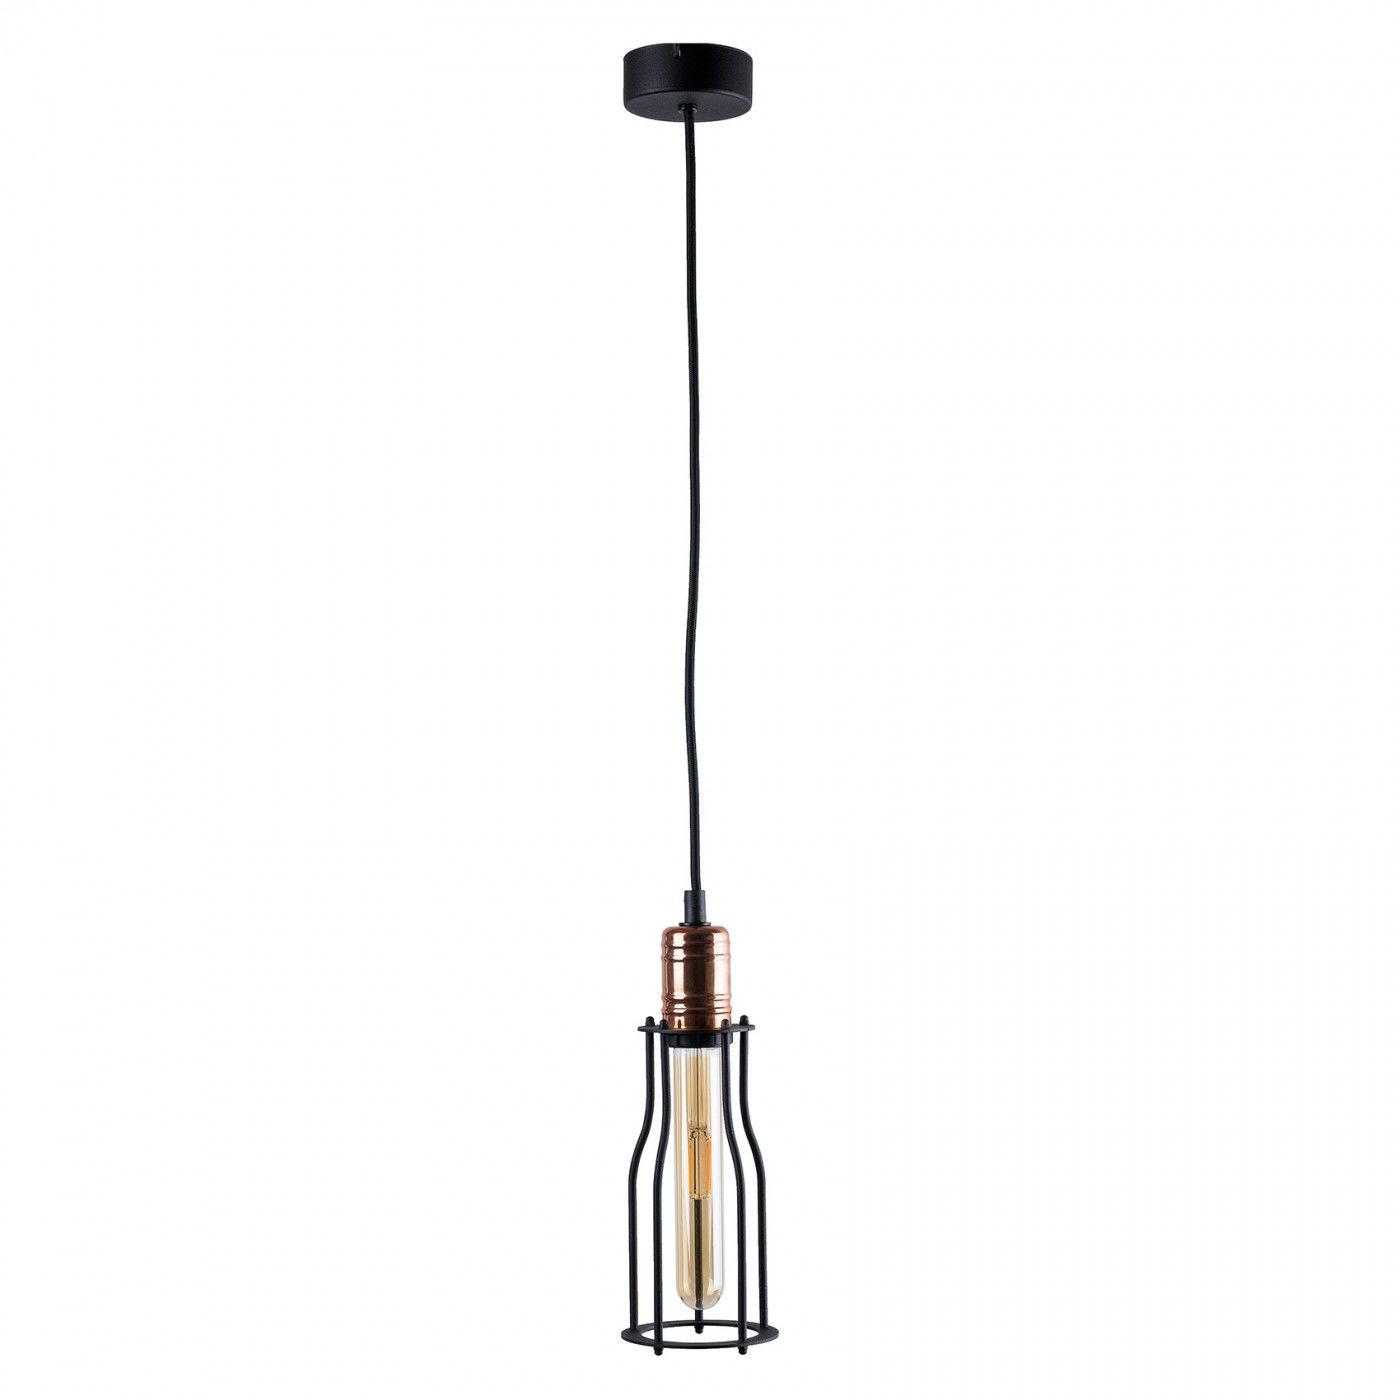 Lampa wisząca Workshop 6337 Nowodvorski Lighting czarny pojedynczy zwis z miedzianą oprawką